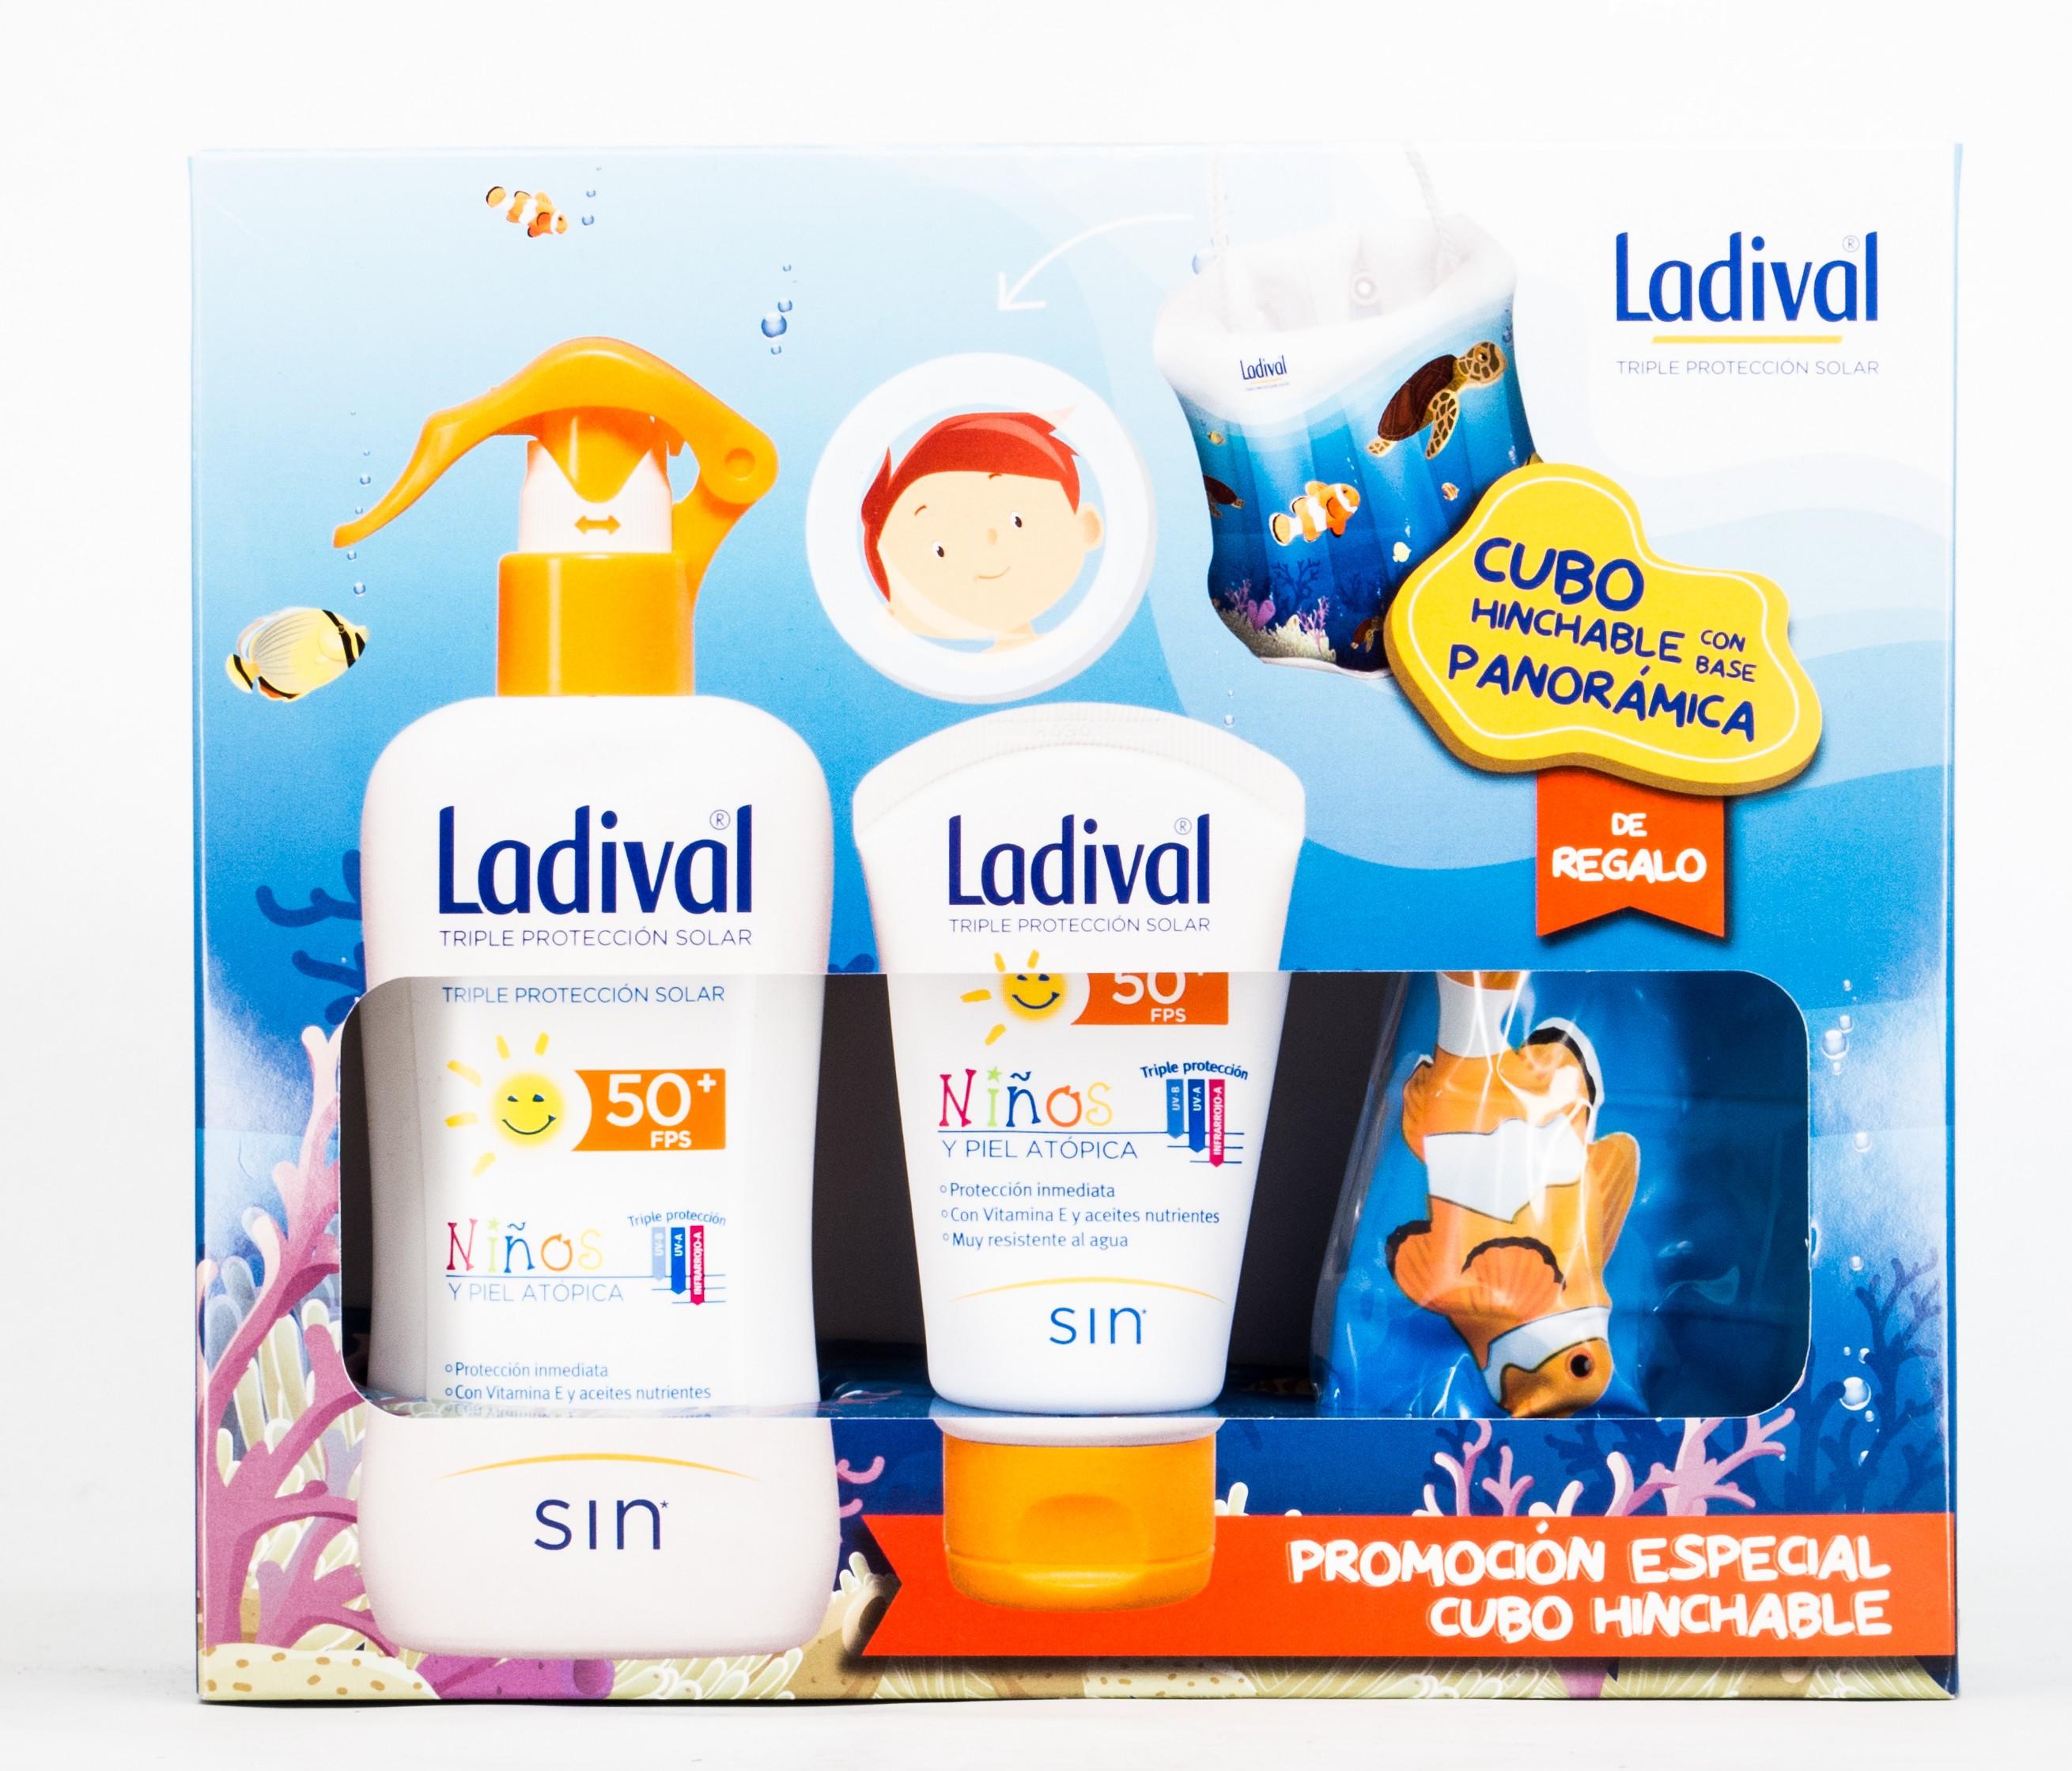 Ladival Pack Niños y Pieles Atópicas Spray 200 + 75 ml + Pelota.